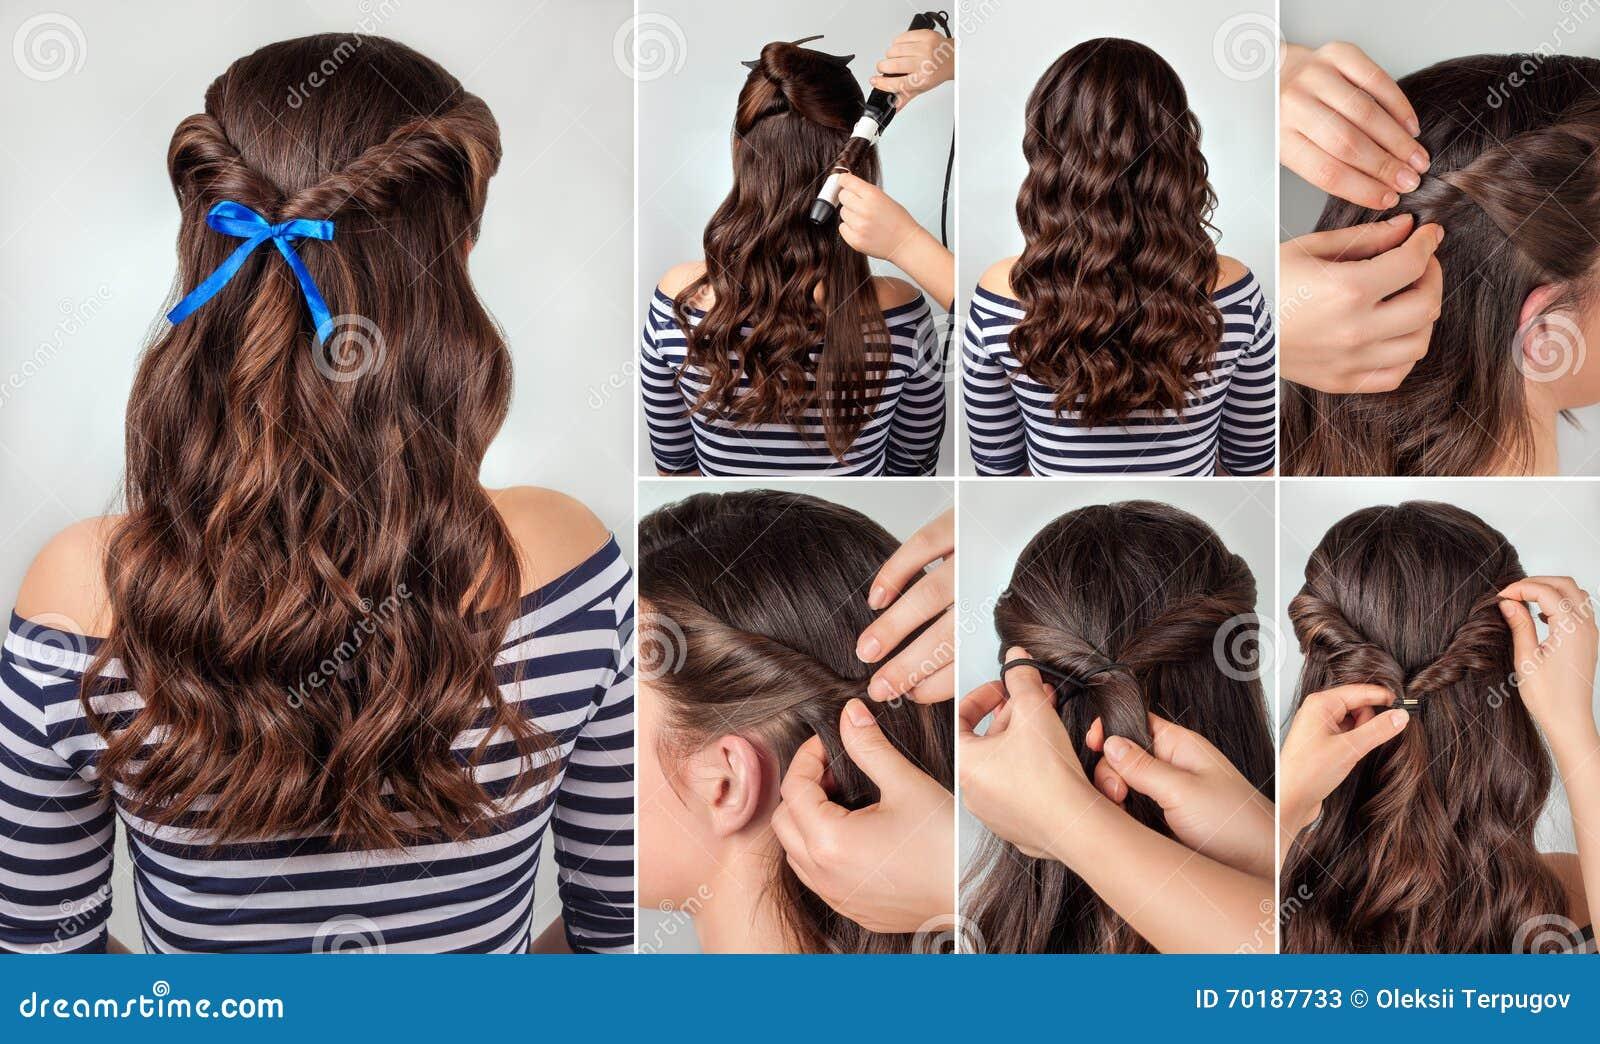 Fabulous Hairstyle Curly Hair Tutorial Stock Photo Image 70382918 Short Hairstyles Gunalazisus